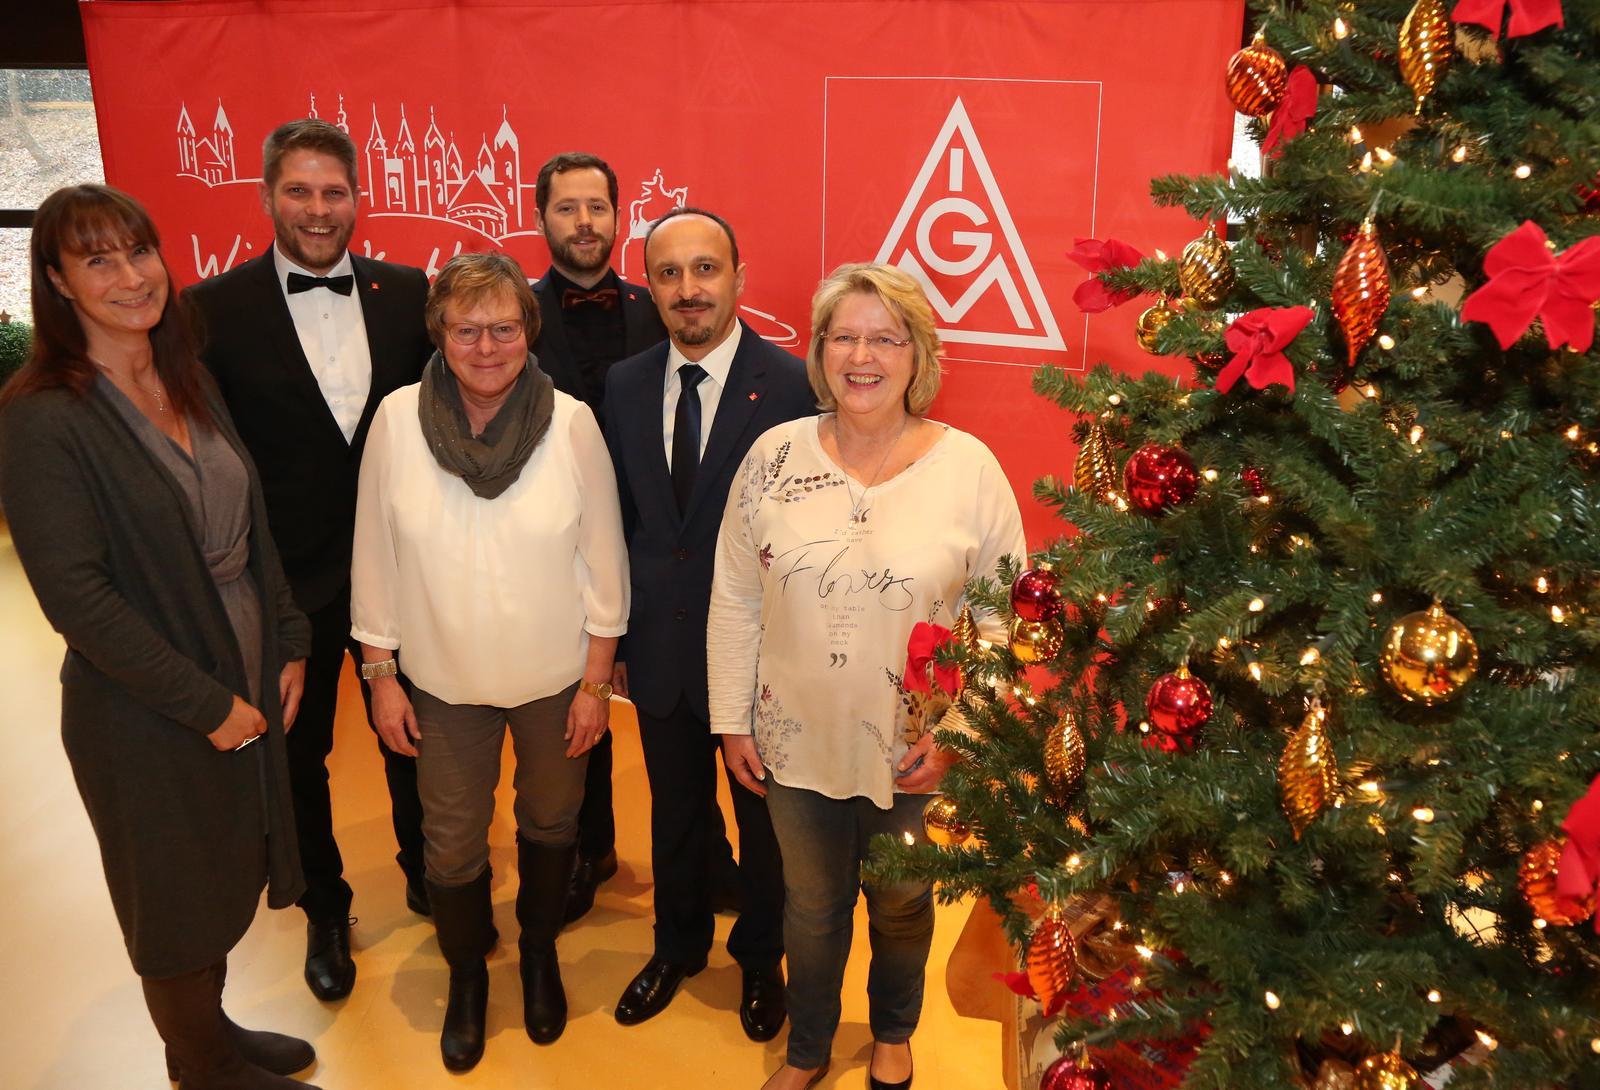 Frohe Weihnachten Besinnliche Feiertage.Die Geschäftsstelle Koblenz Wünscht Allen Kolleginnen Und Kollegen